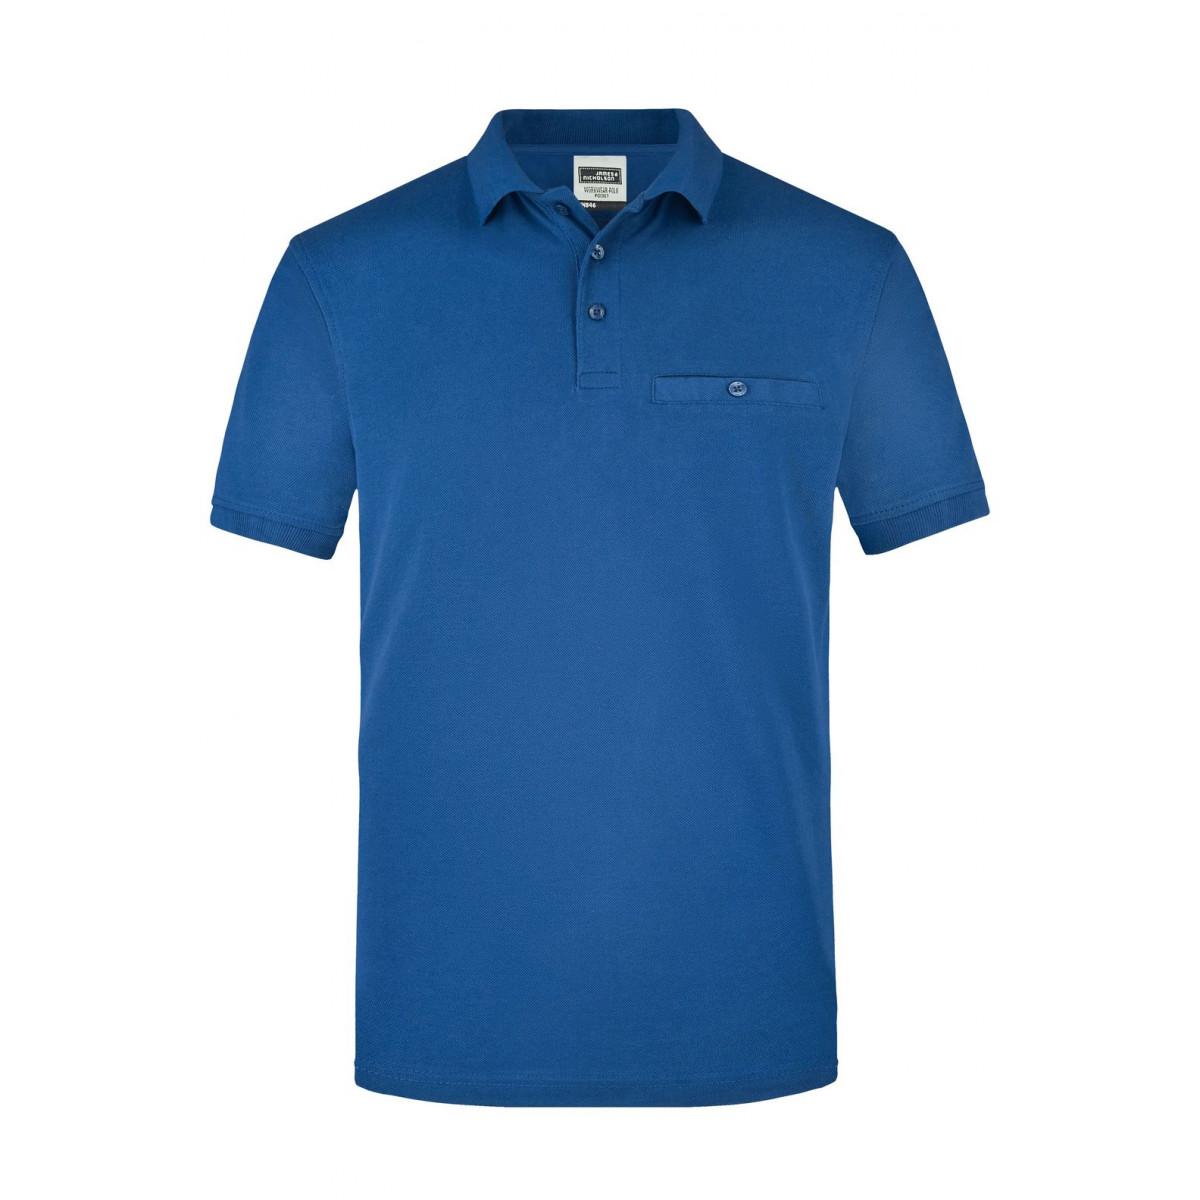 Рубашка поло мужская JN846 Men´s Workwear Polo Pocket - Ярко-синий